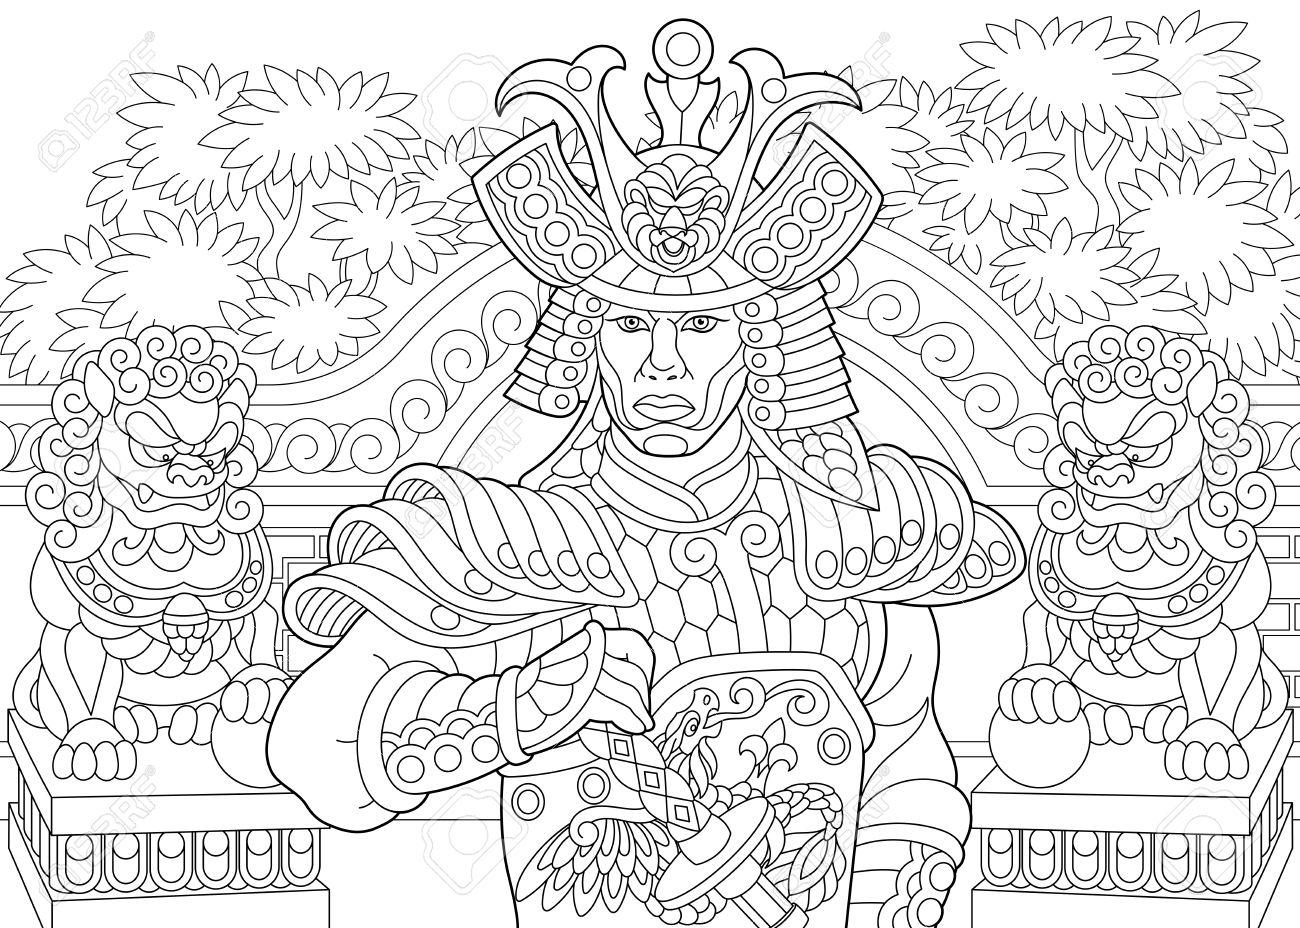 Dibujo Para Colorear De Samurai Japonés Con Estatuas De León En El ...